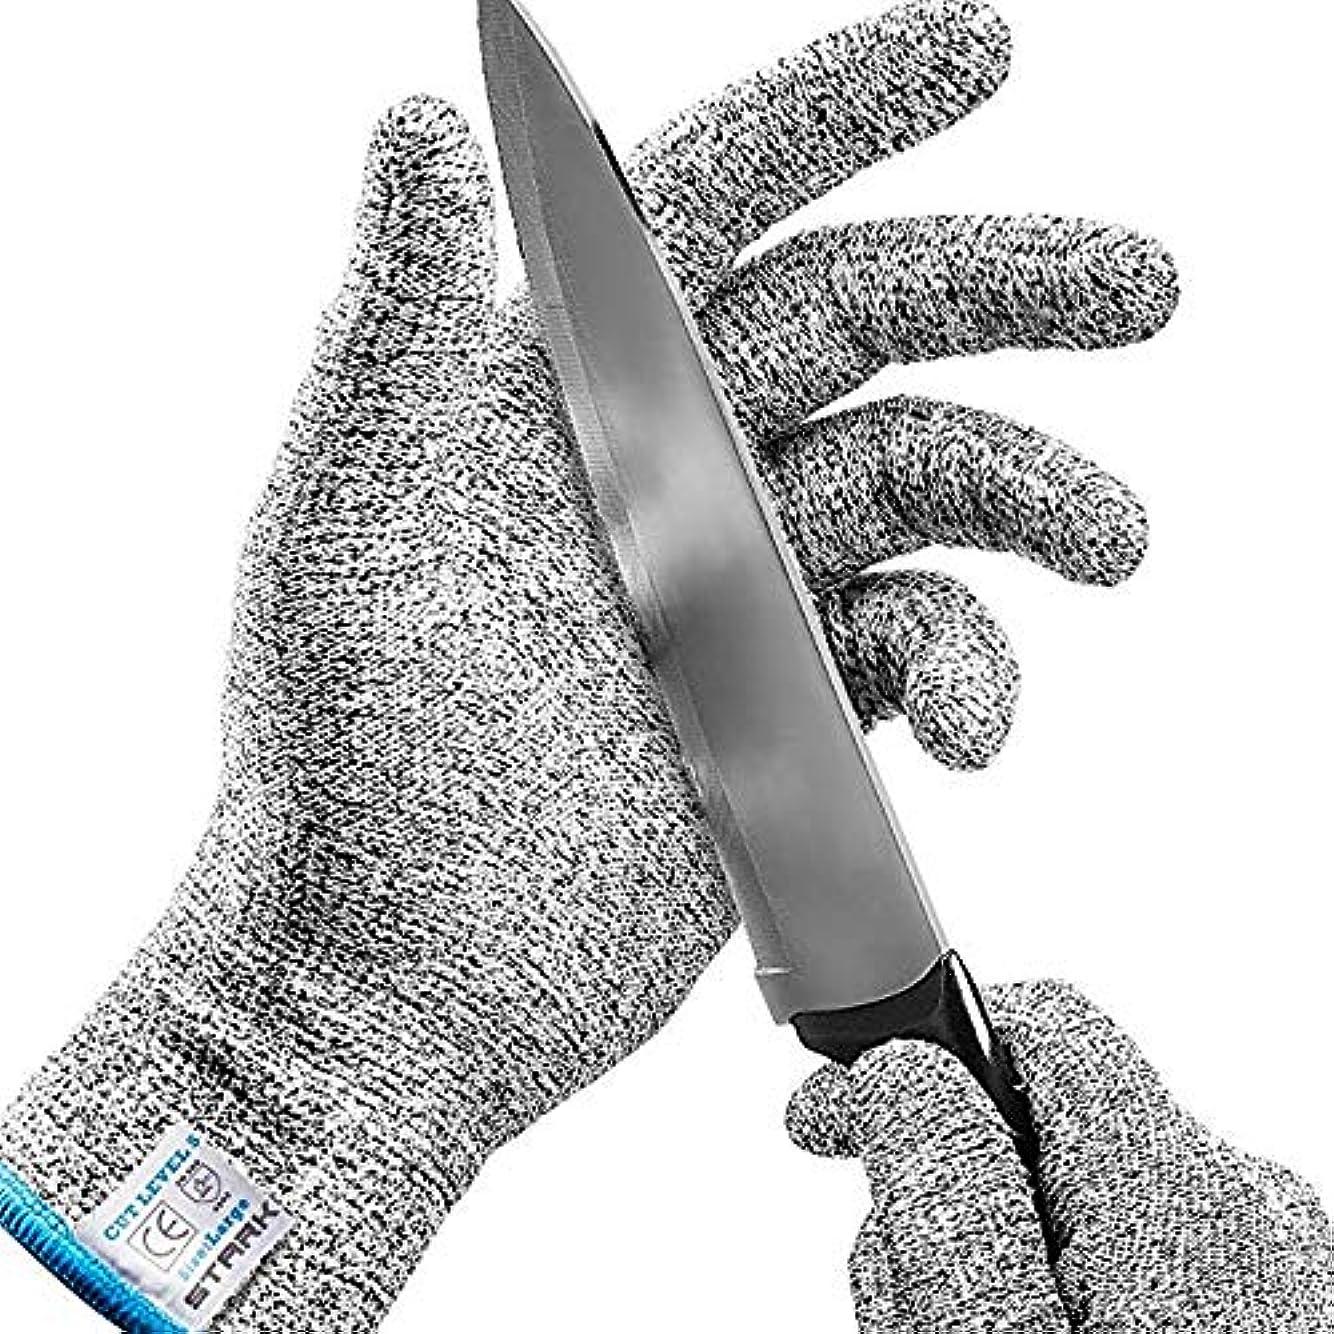 困惑した冷凍庫塩キッチンマンドリンスライス、グレーティング、フィッシュフィレ、オイスターShuckingと木彫りのために手袋、切断性手袋(1ペア)レベル5カット手袋をカット,L